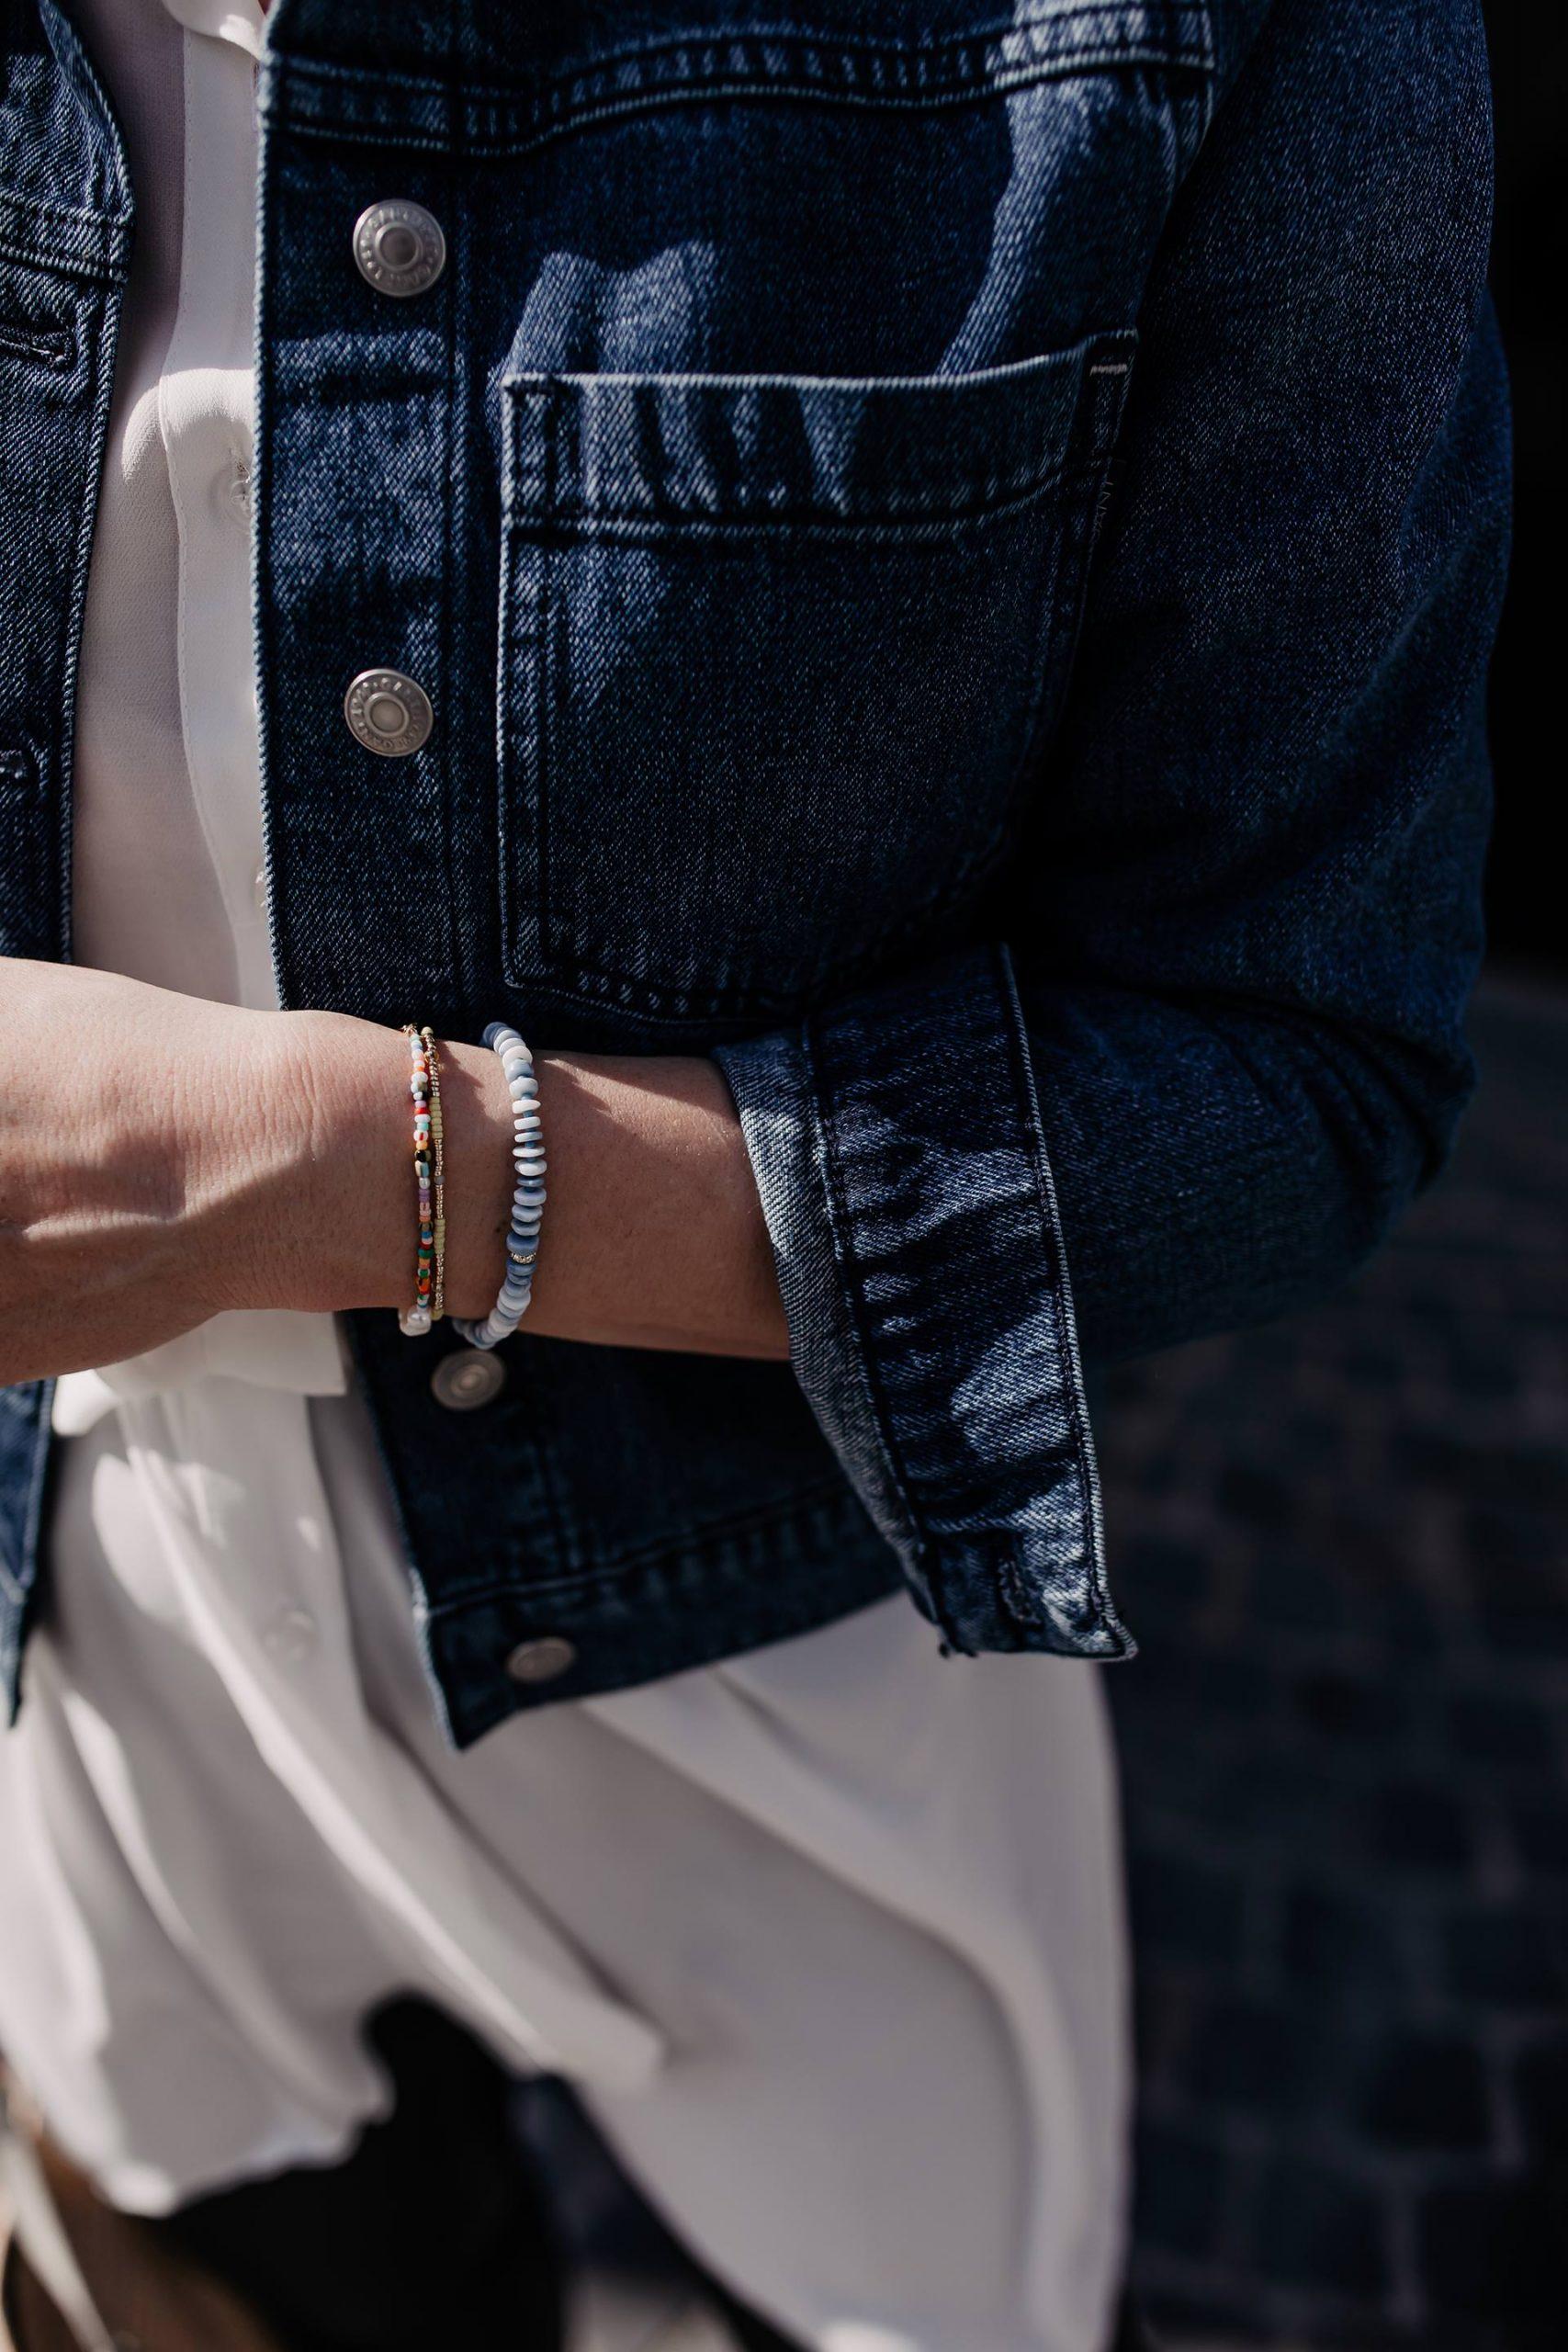 Am Modeblog findest du ein neues Frühsommer-Outfit. Ich gebe dir 3 Tipps, wie der Sommer sanft im Kleiderschrank einziehen kann. www.whoismocca.com